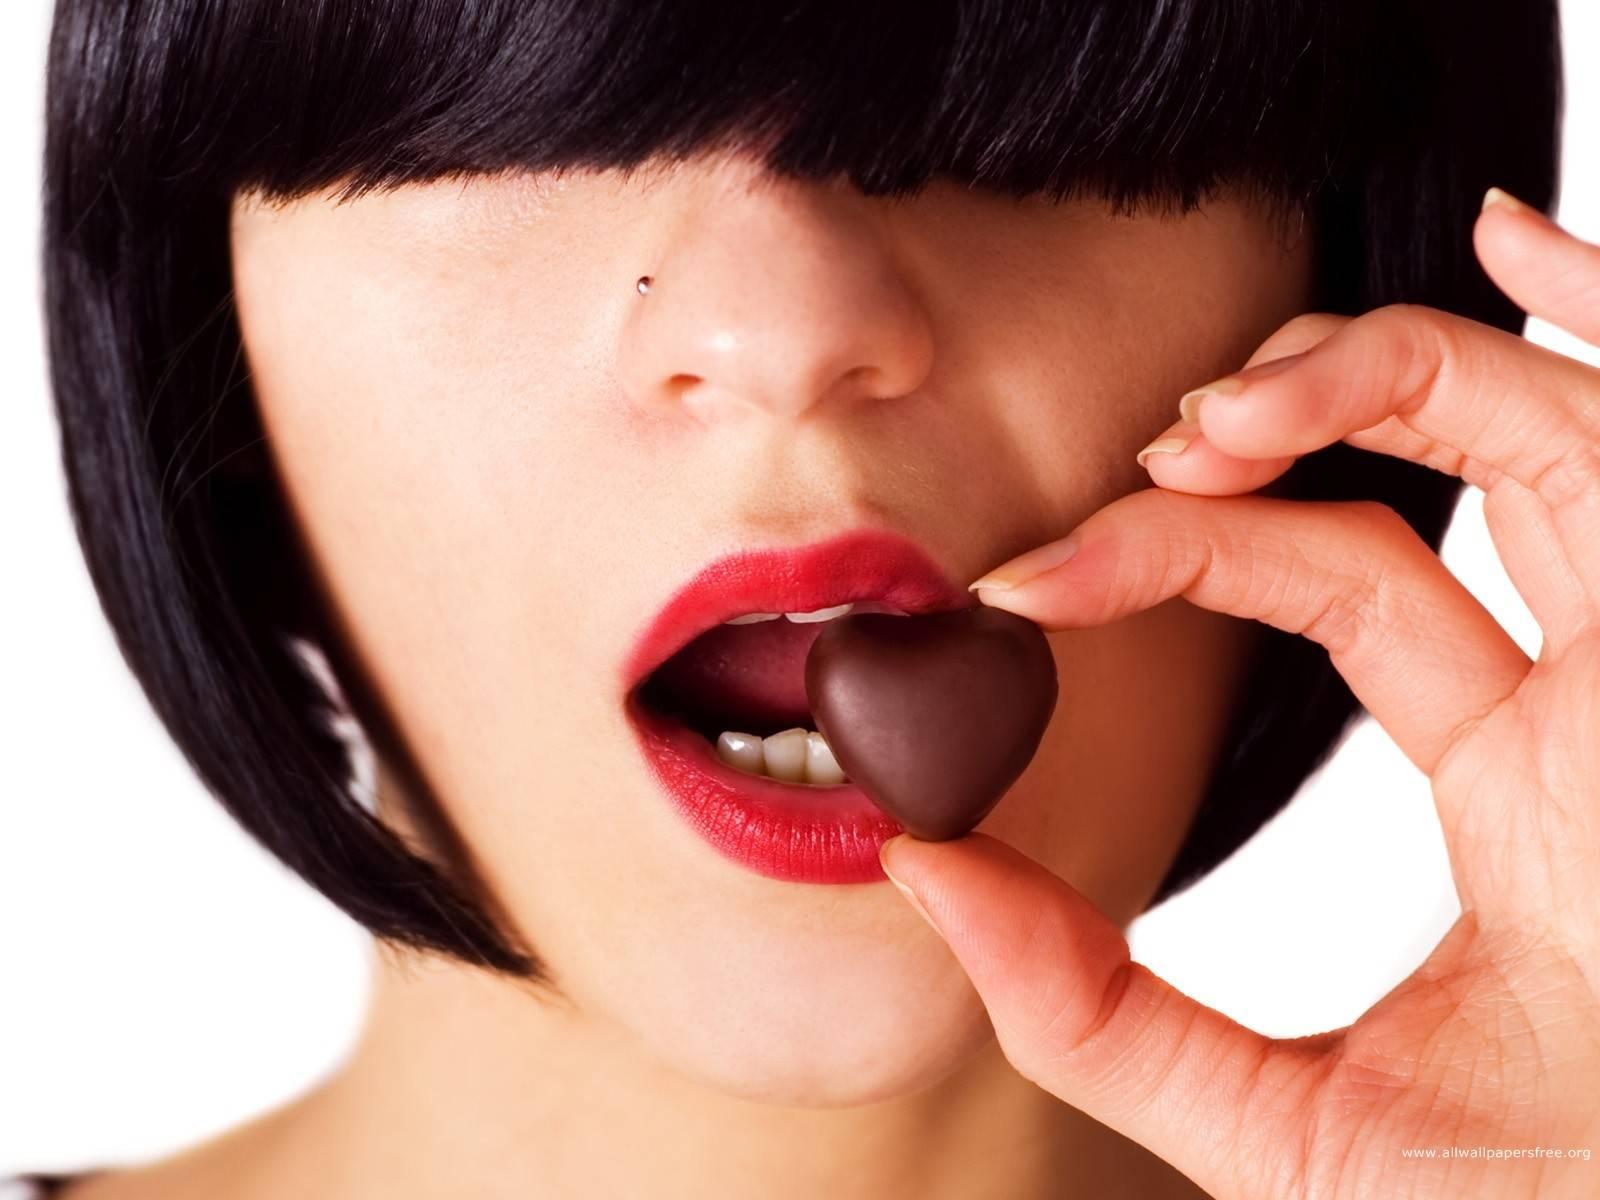 Сладкий вкус на губах поможет придерживаться диеты